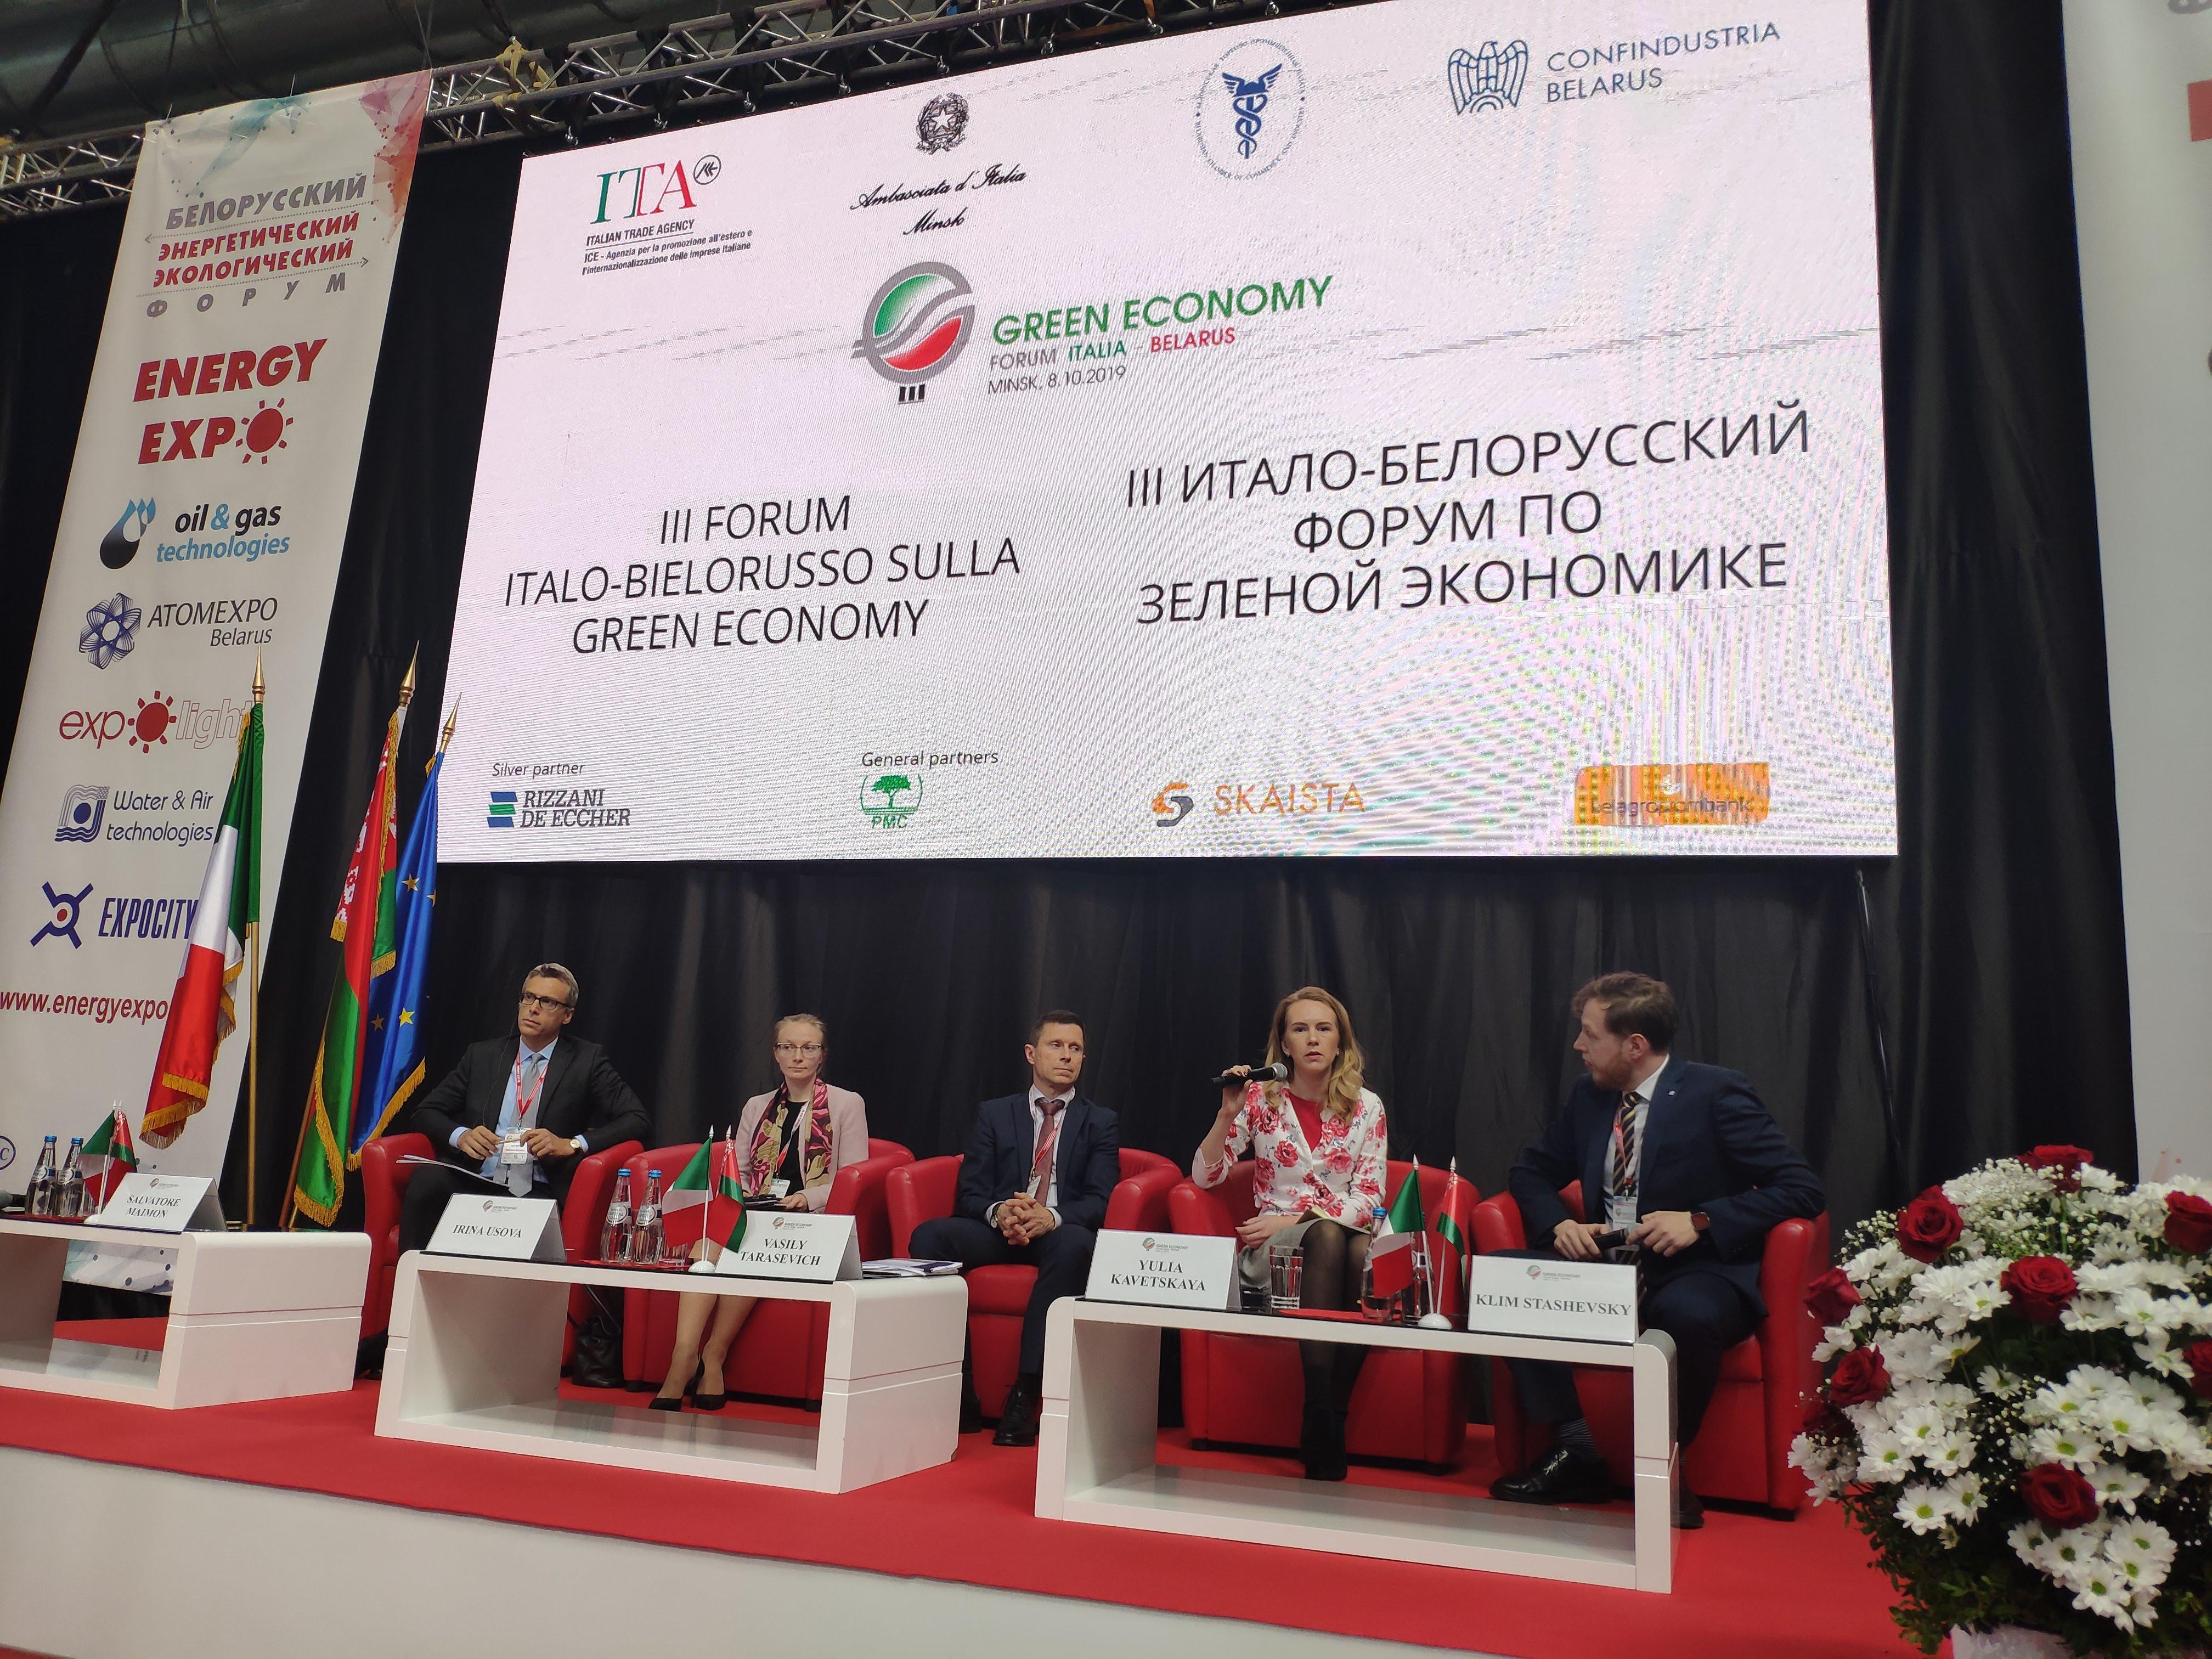 III Forum Italo-Bielorusso sulla Green Economy. Minsk, ottobre 2019.